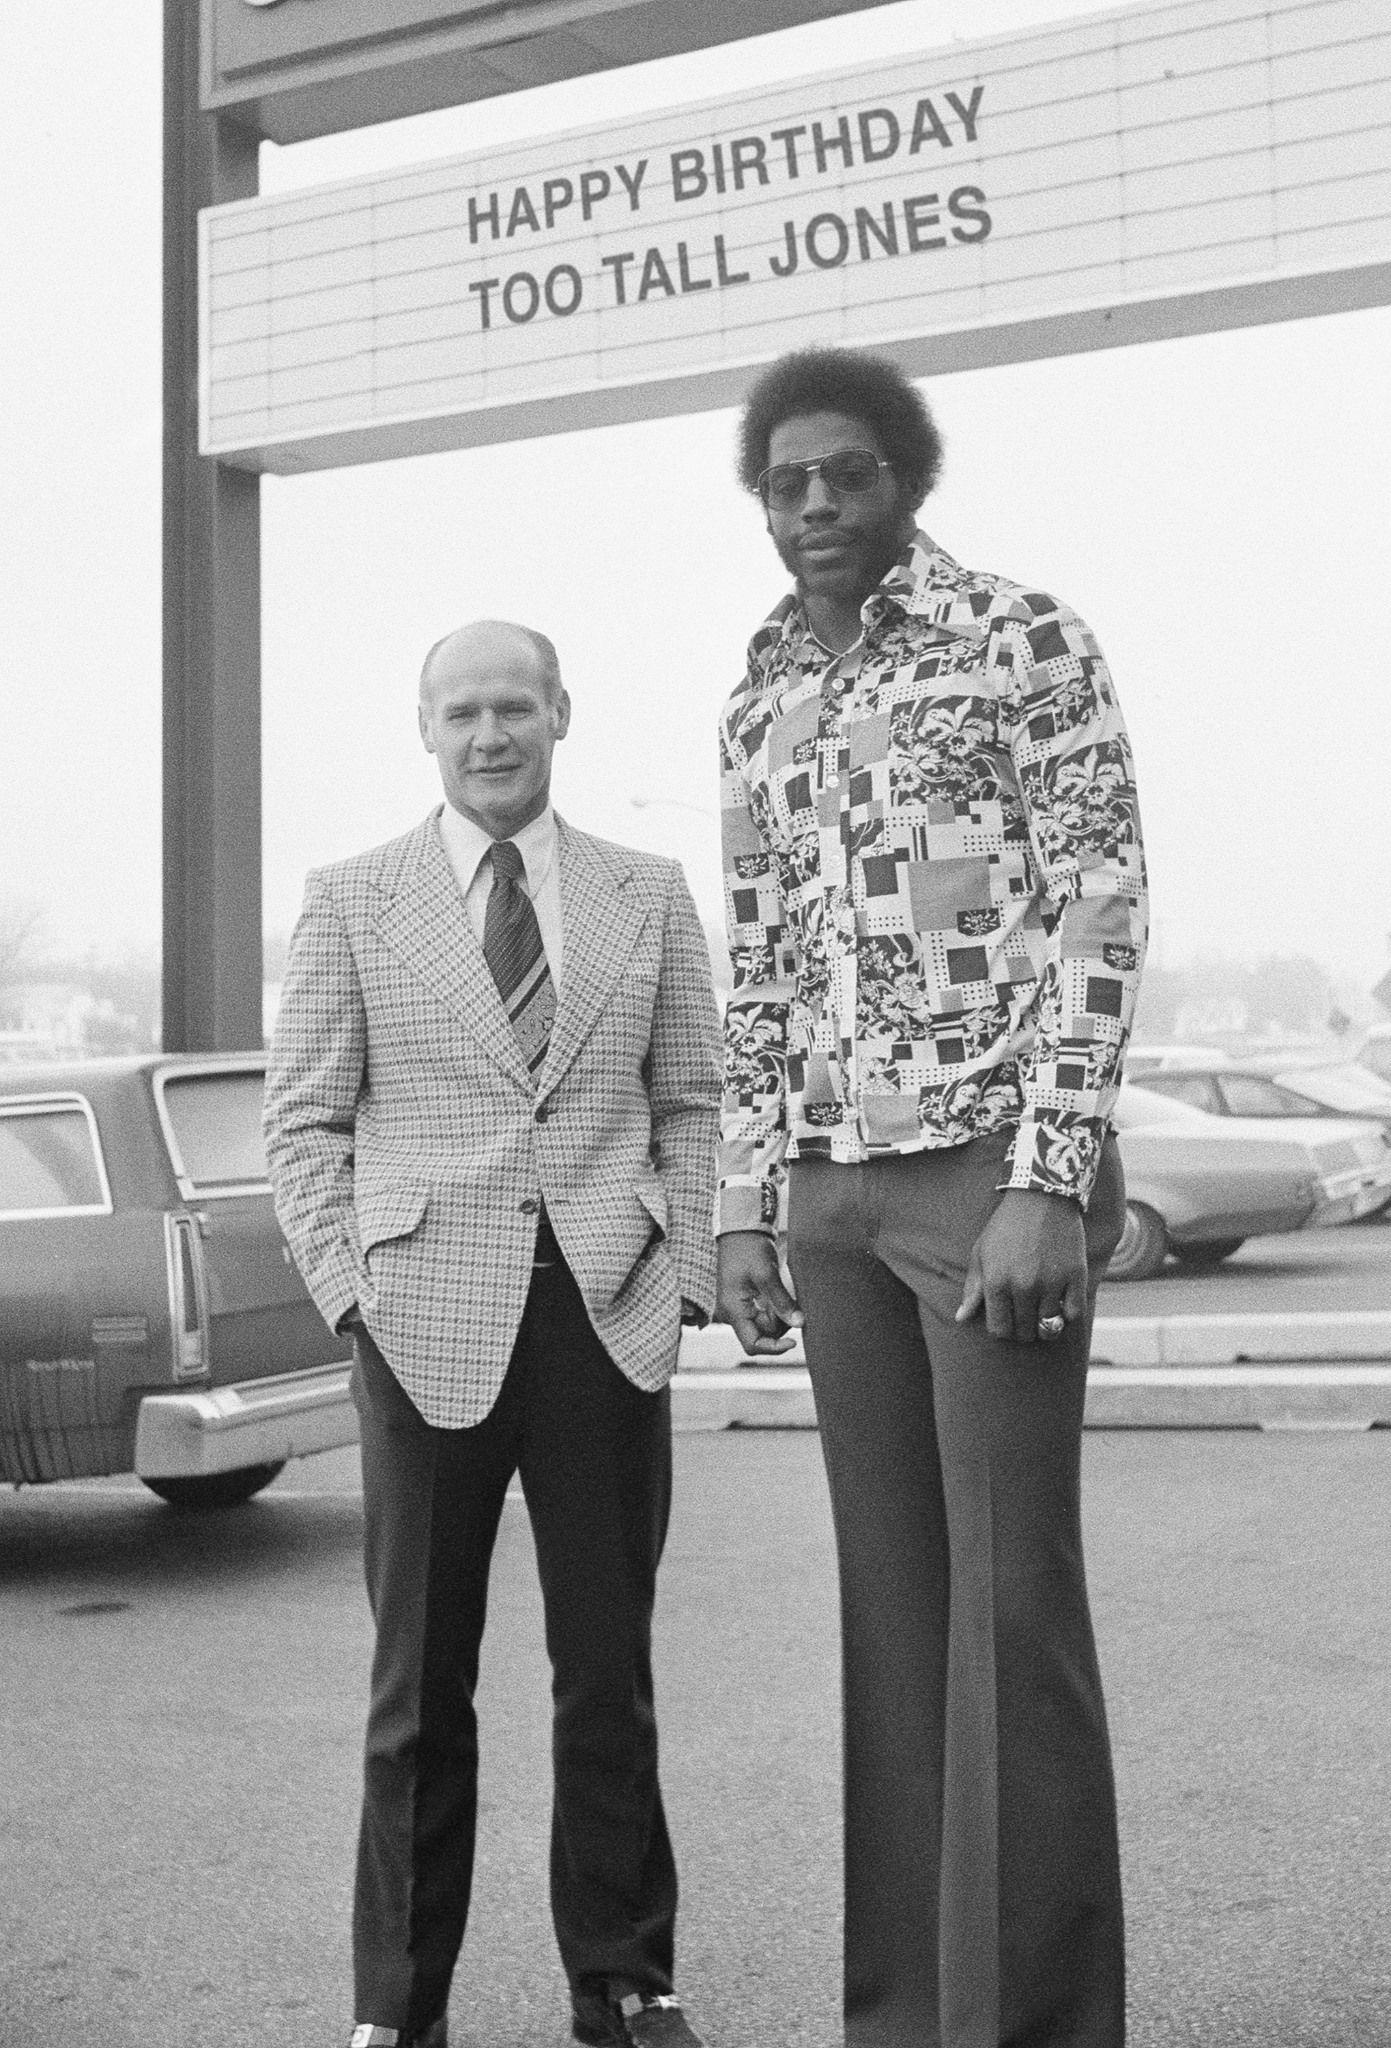 Tom Landry And Ed Quot Too Tall Quot Jones Dallas Cowboys